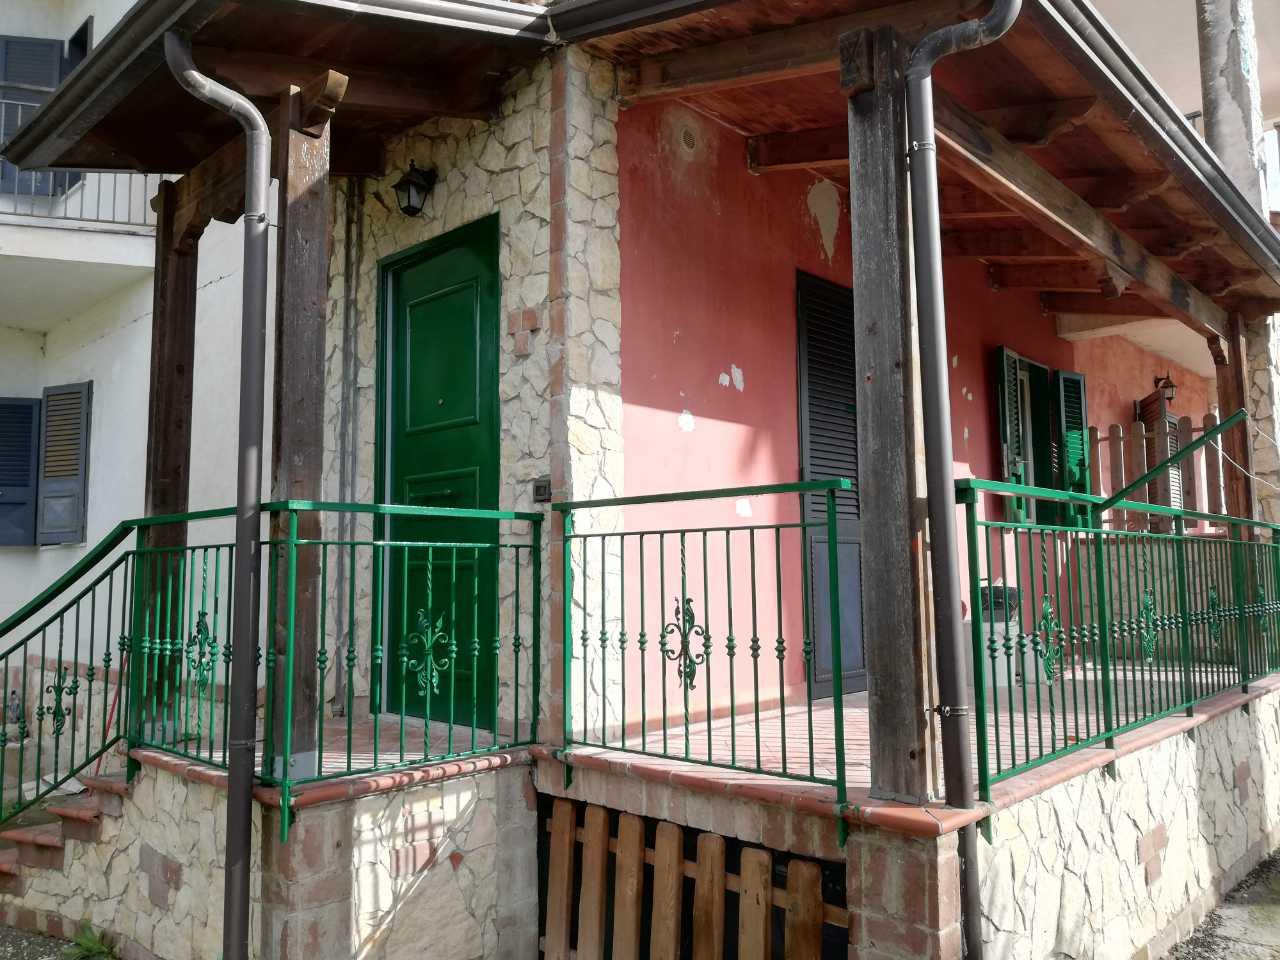 BILOCALE IN AFFITTO A SAN ROCCO DI MARANO